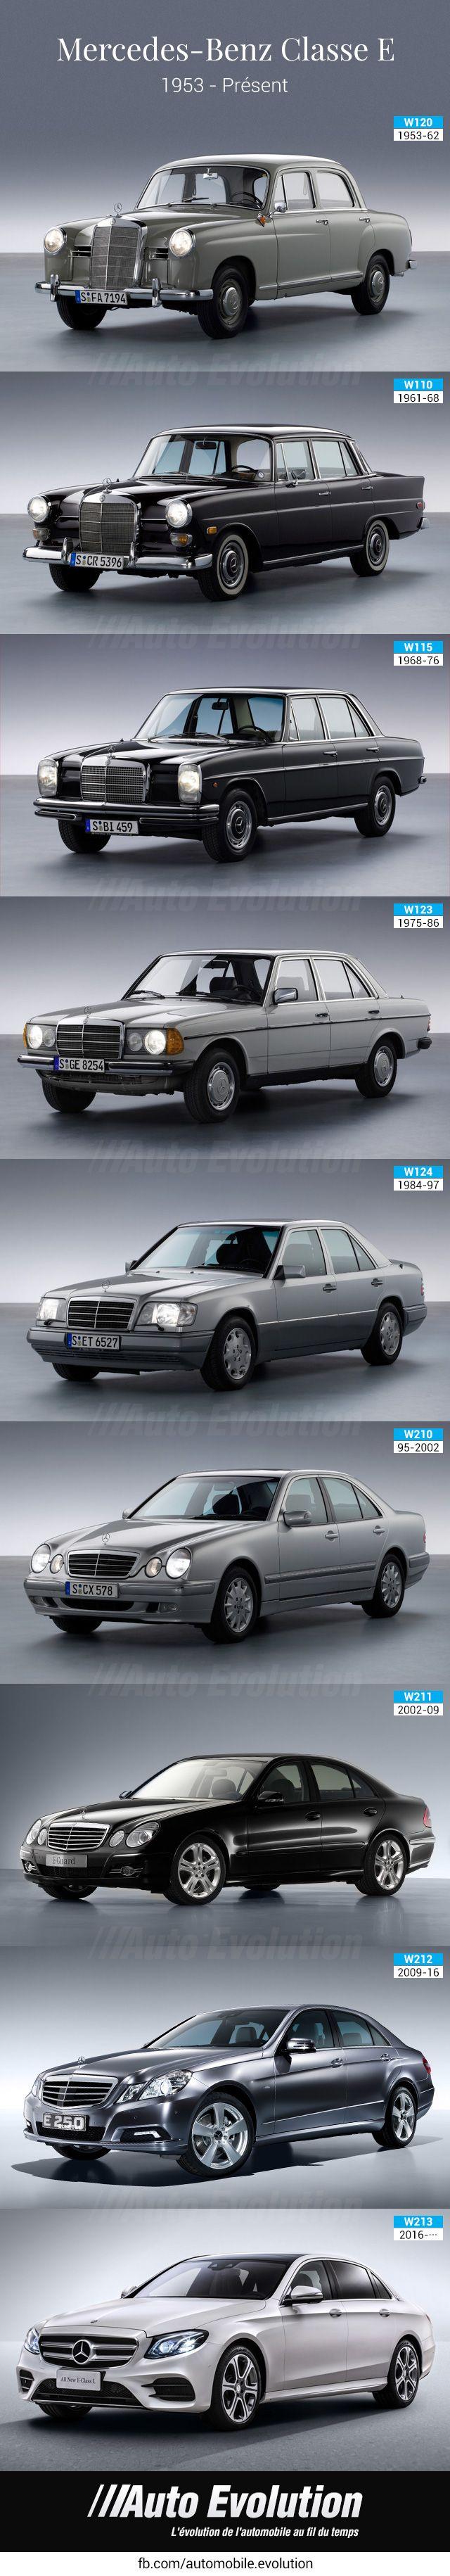 Luxury caravan with full size sports car garage from futuria - Mercedes Benz E Class History Evolution Histoire De La Mercedes Classe E